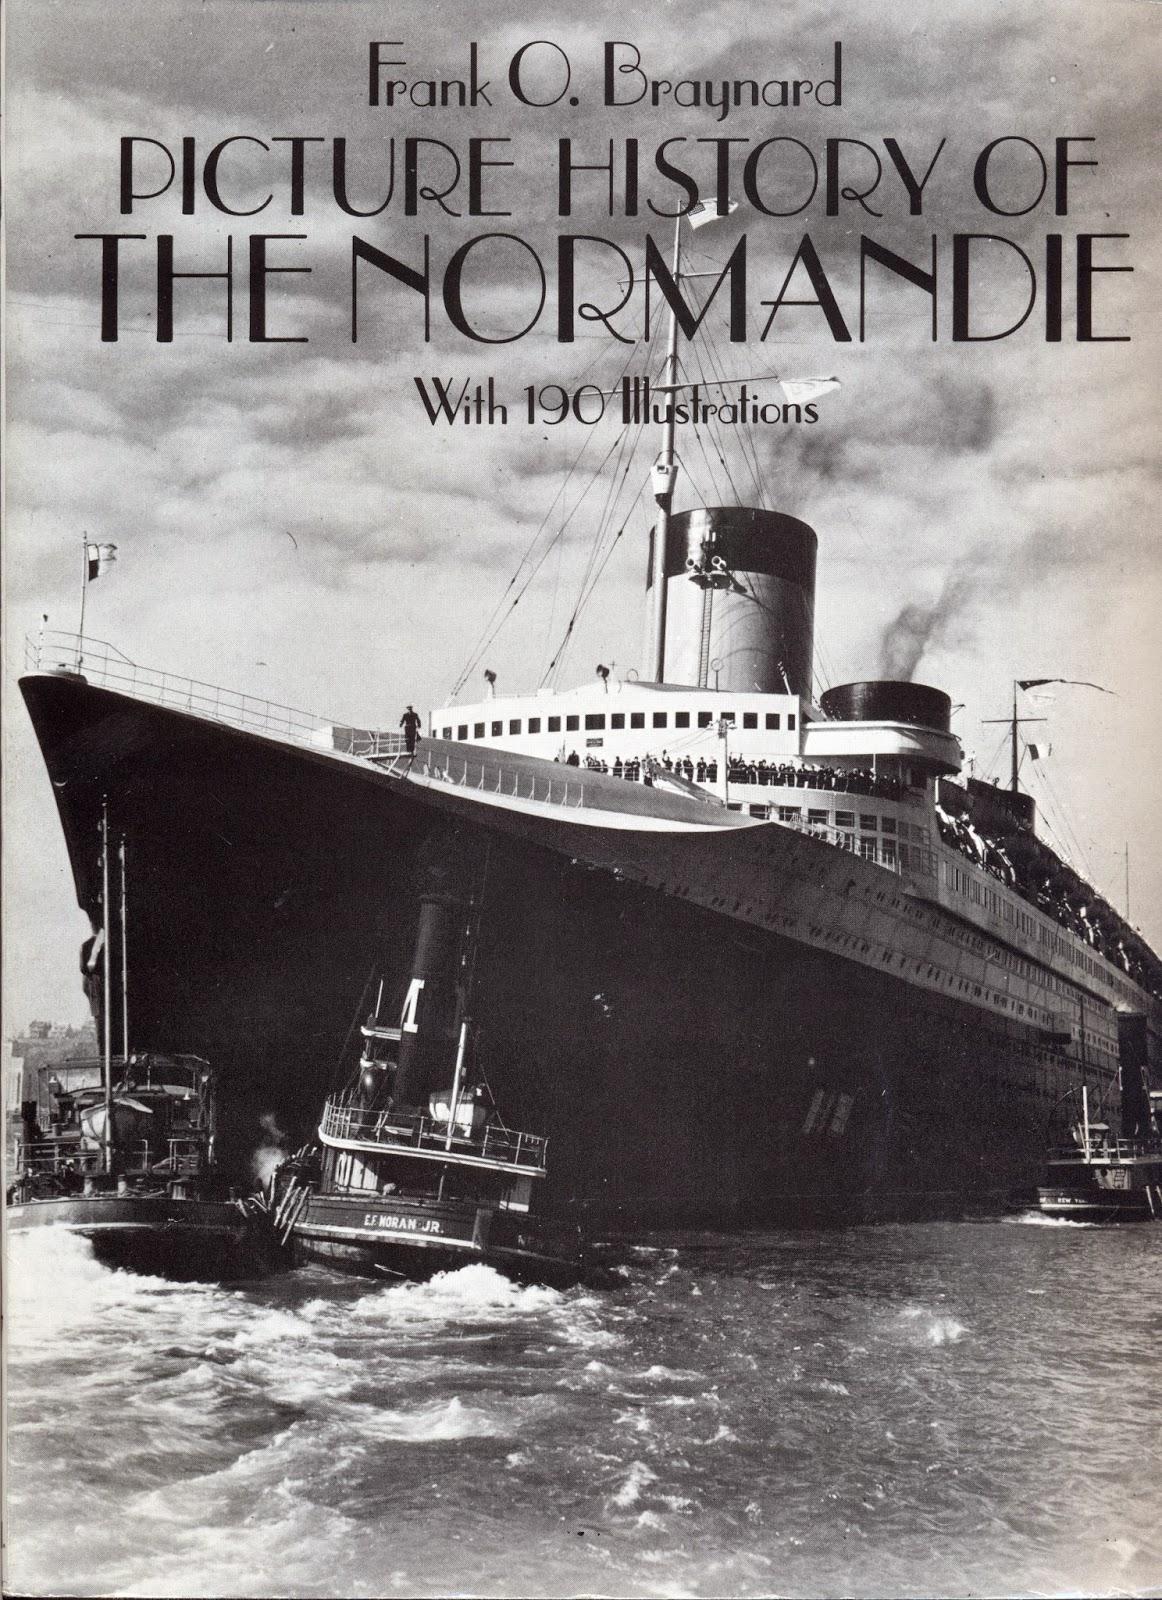 Transatlantic liners paquebot normandie 1935 2015 - Haute normandie mobel ...